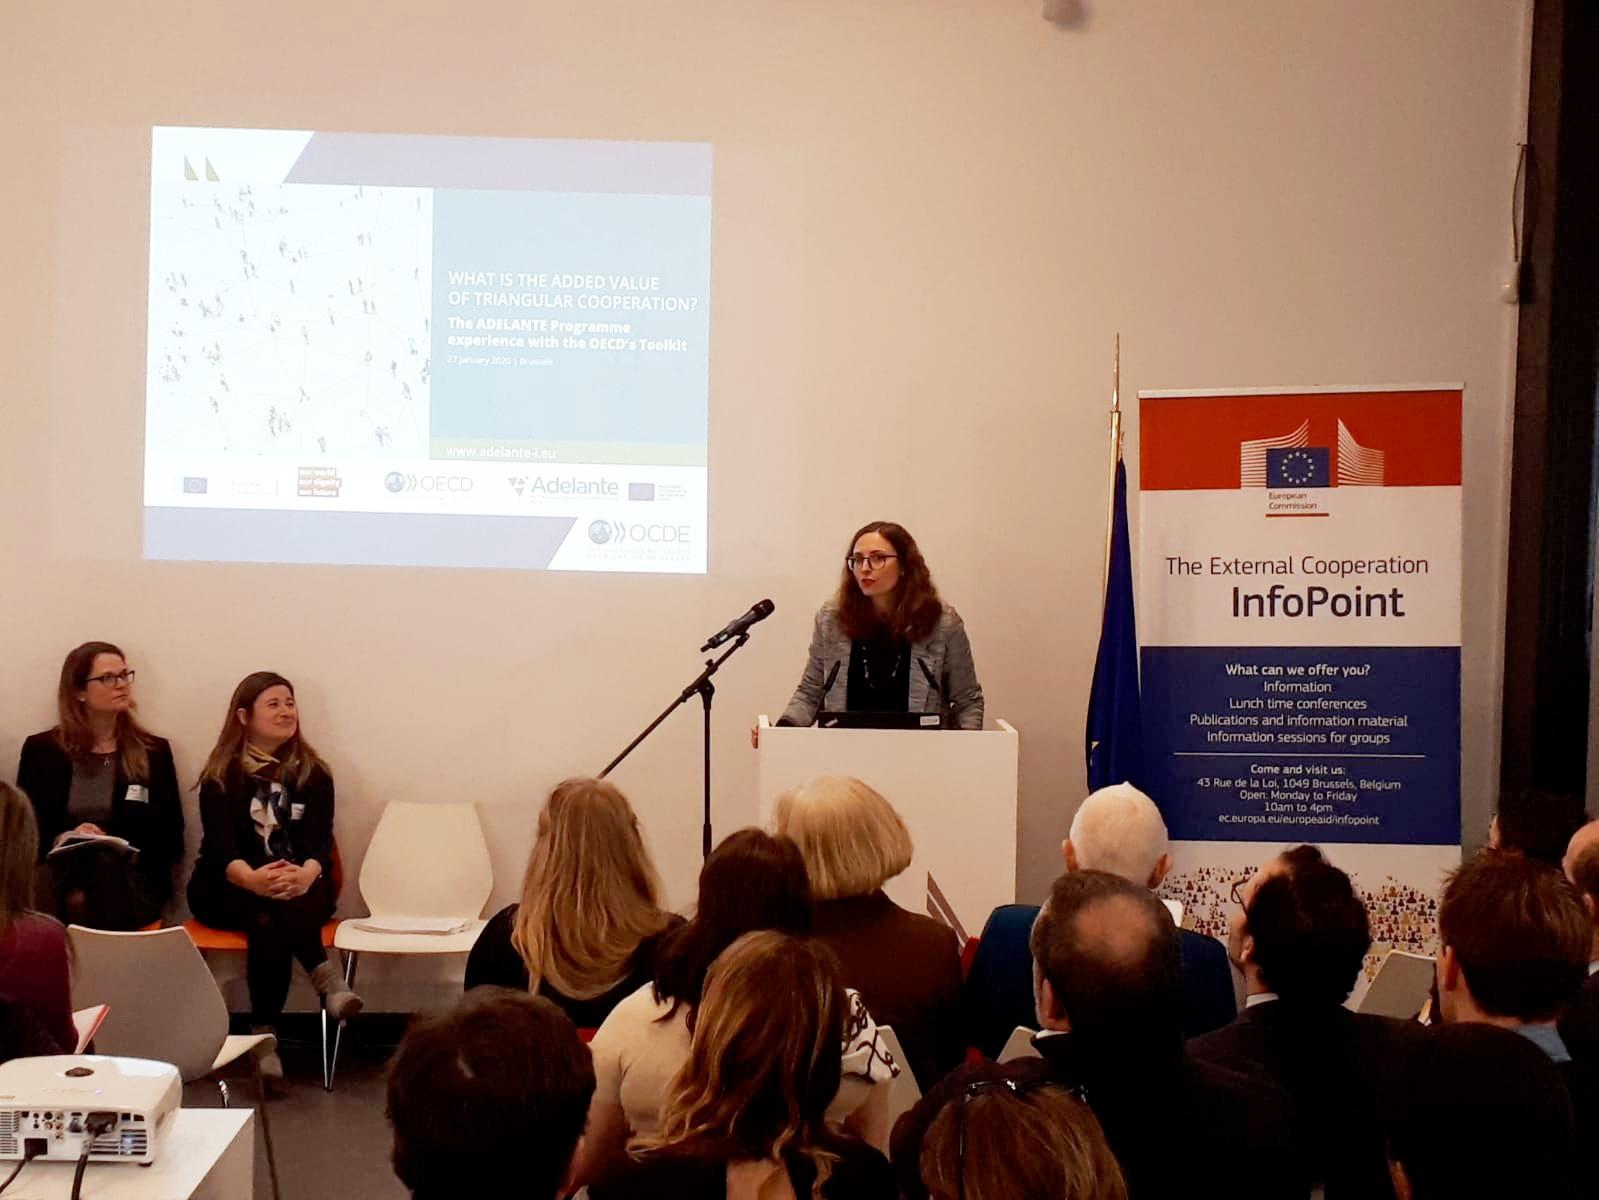 Leticia Casañ-Jensen de la Dirección General de Cooperación Internacional y Desarrollo de la Comisión Europea, Task Manager del Programa ADELANTE